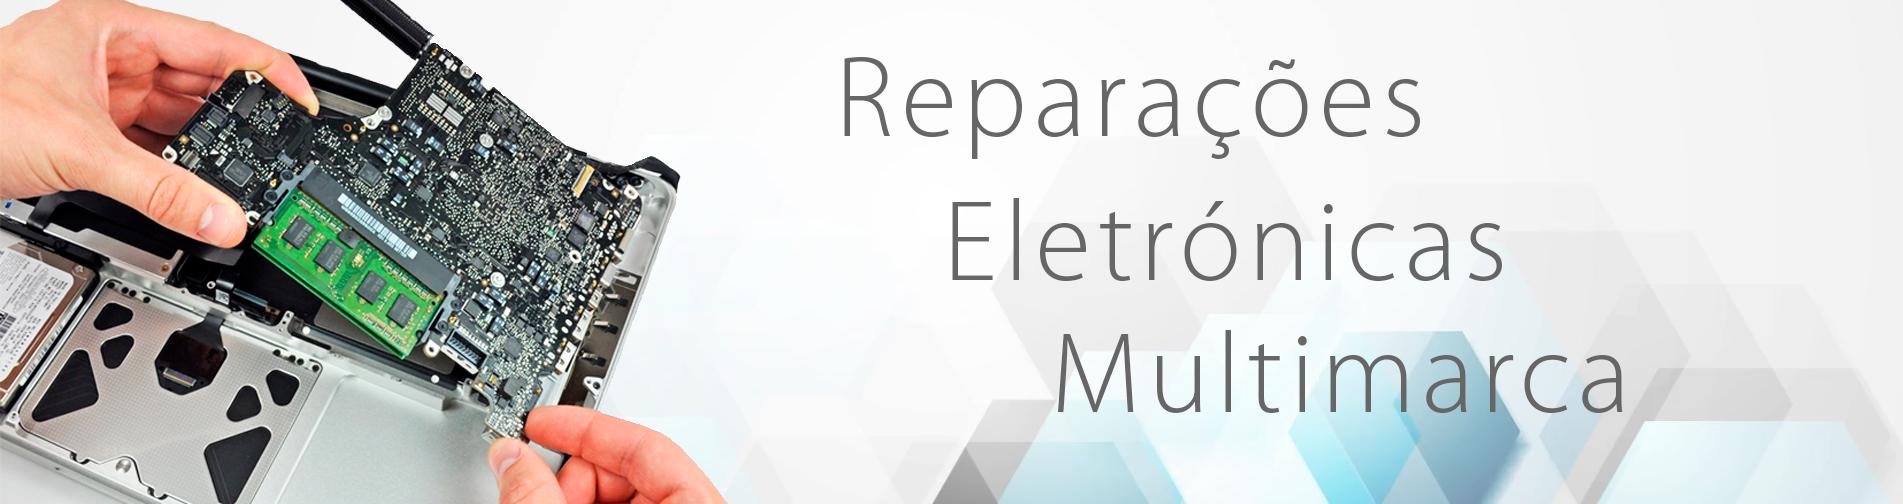 Reparações Eletrónicas